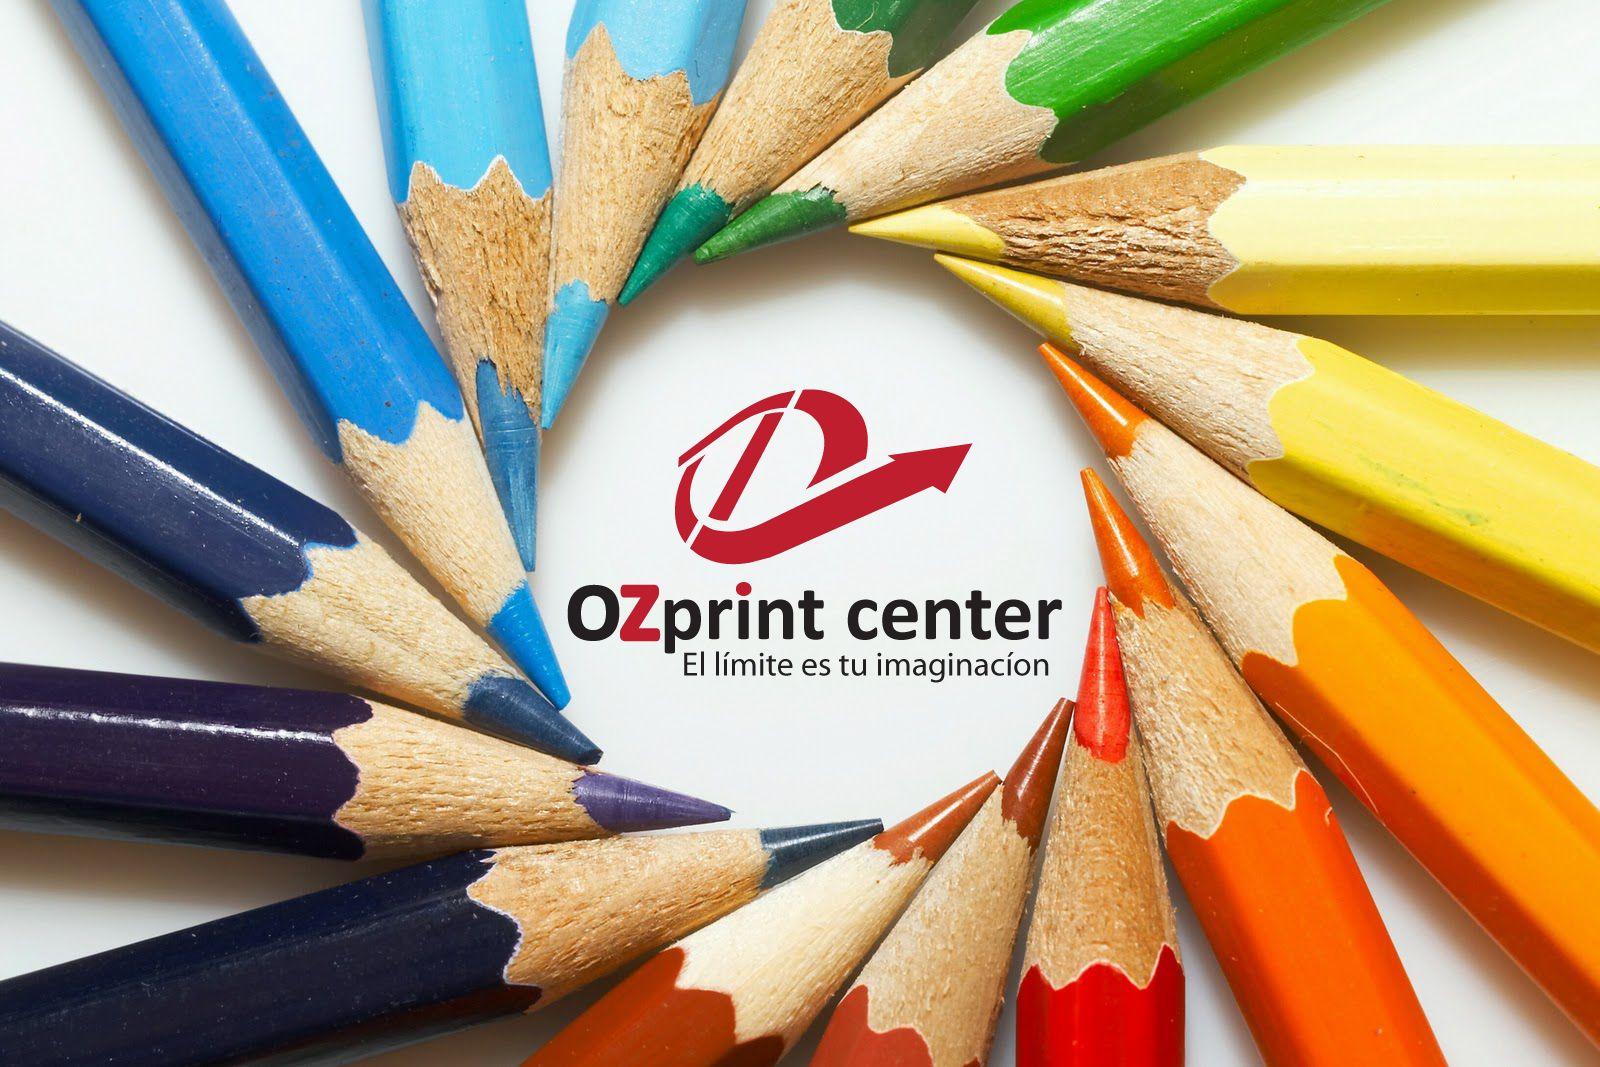 Ven y conoce nuestro centro de impresión digital  Contamos una amplia área de servicios de impresión tales como: COPIAS, AMPLIACIÓN, REDUCCIÓN,ESCANEO y  PLOTTER